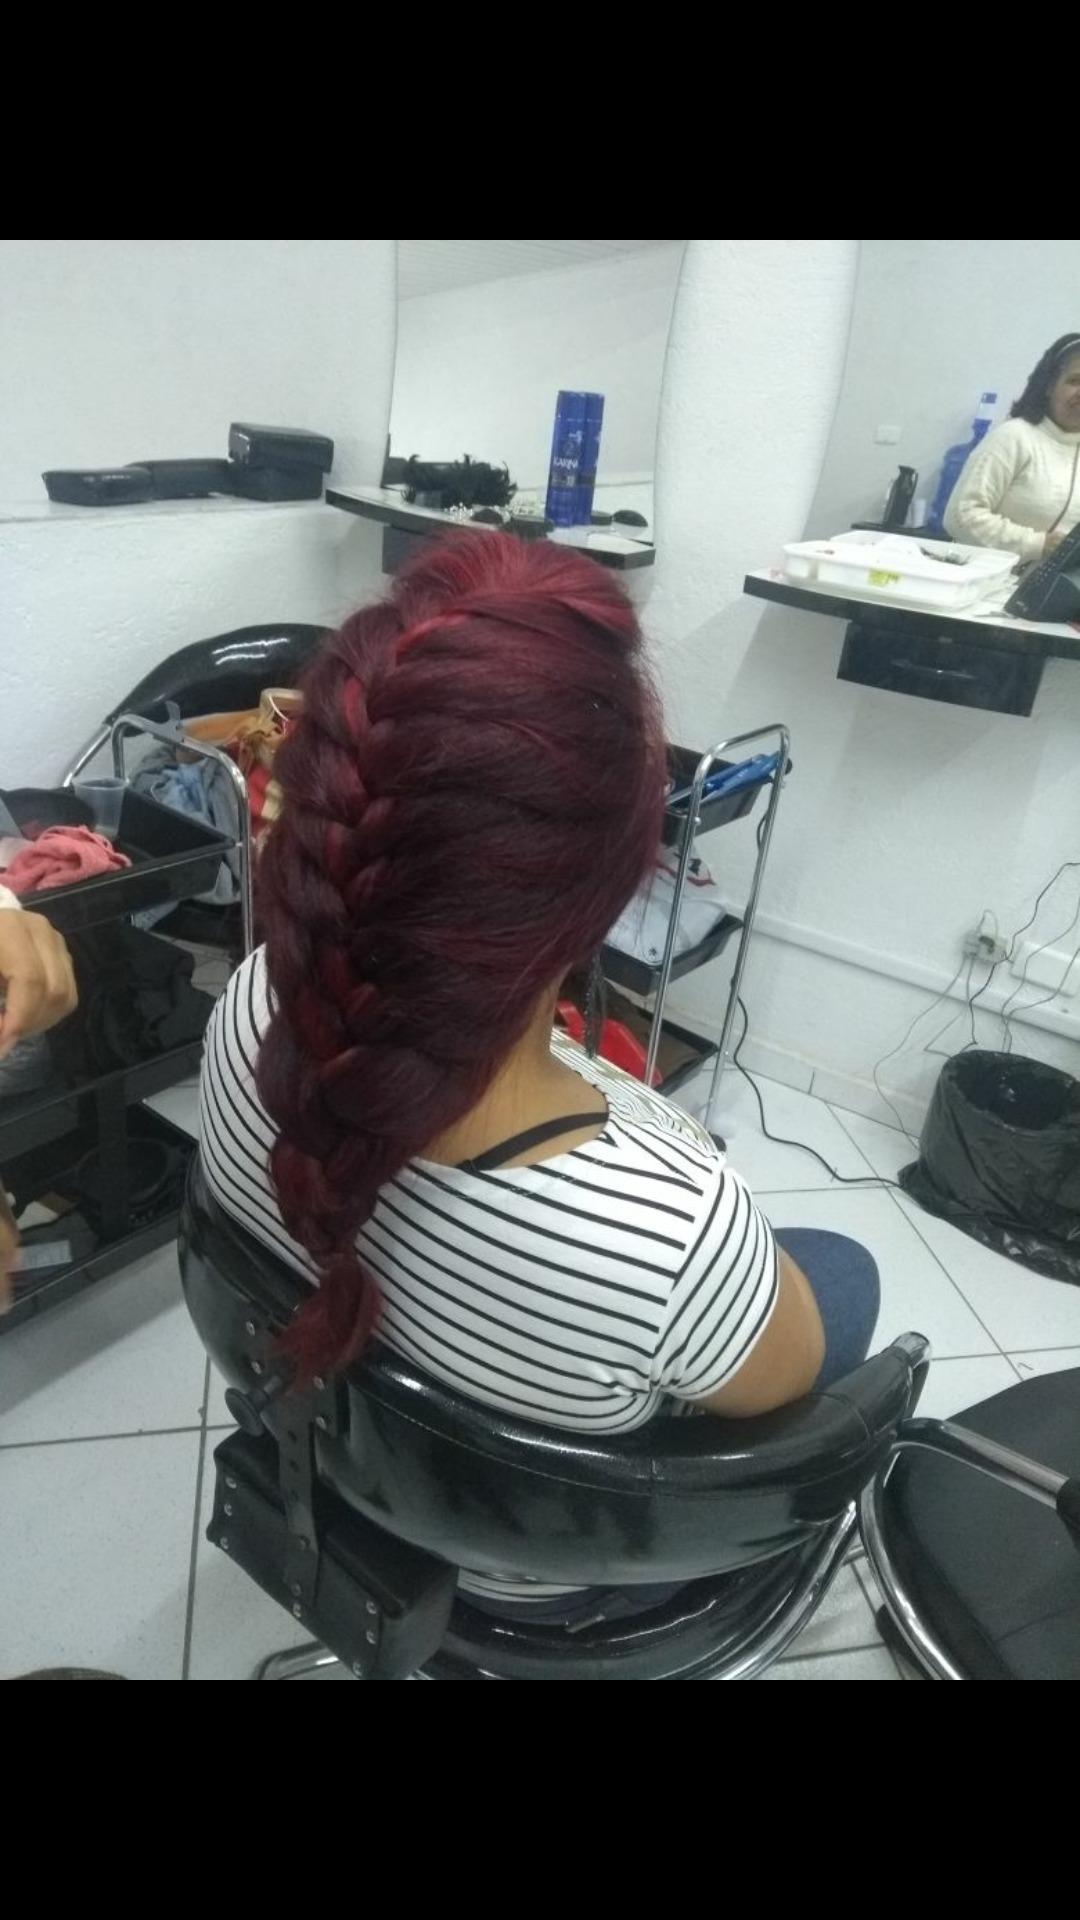 Trança embutida com topete cabelo estudante (cabeleireiro) auxiliar cabeleireiro(a)